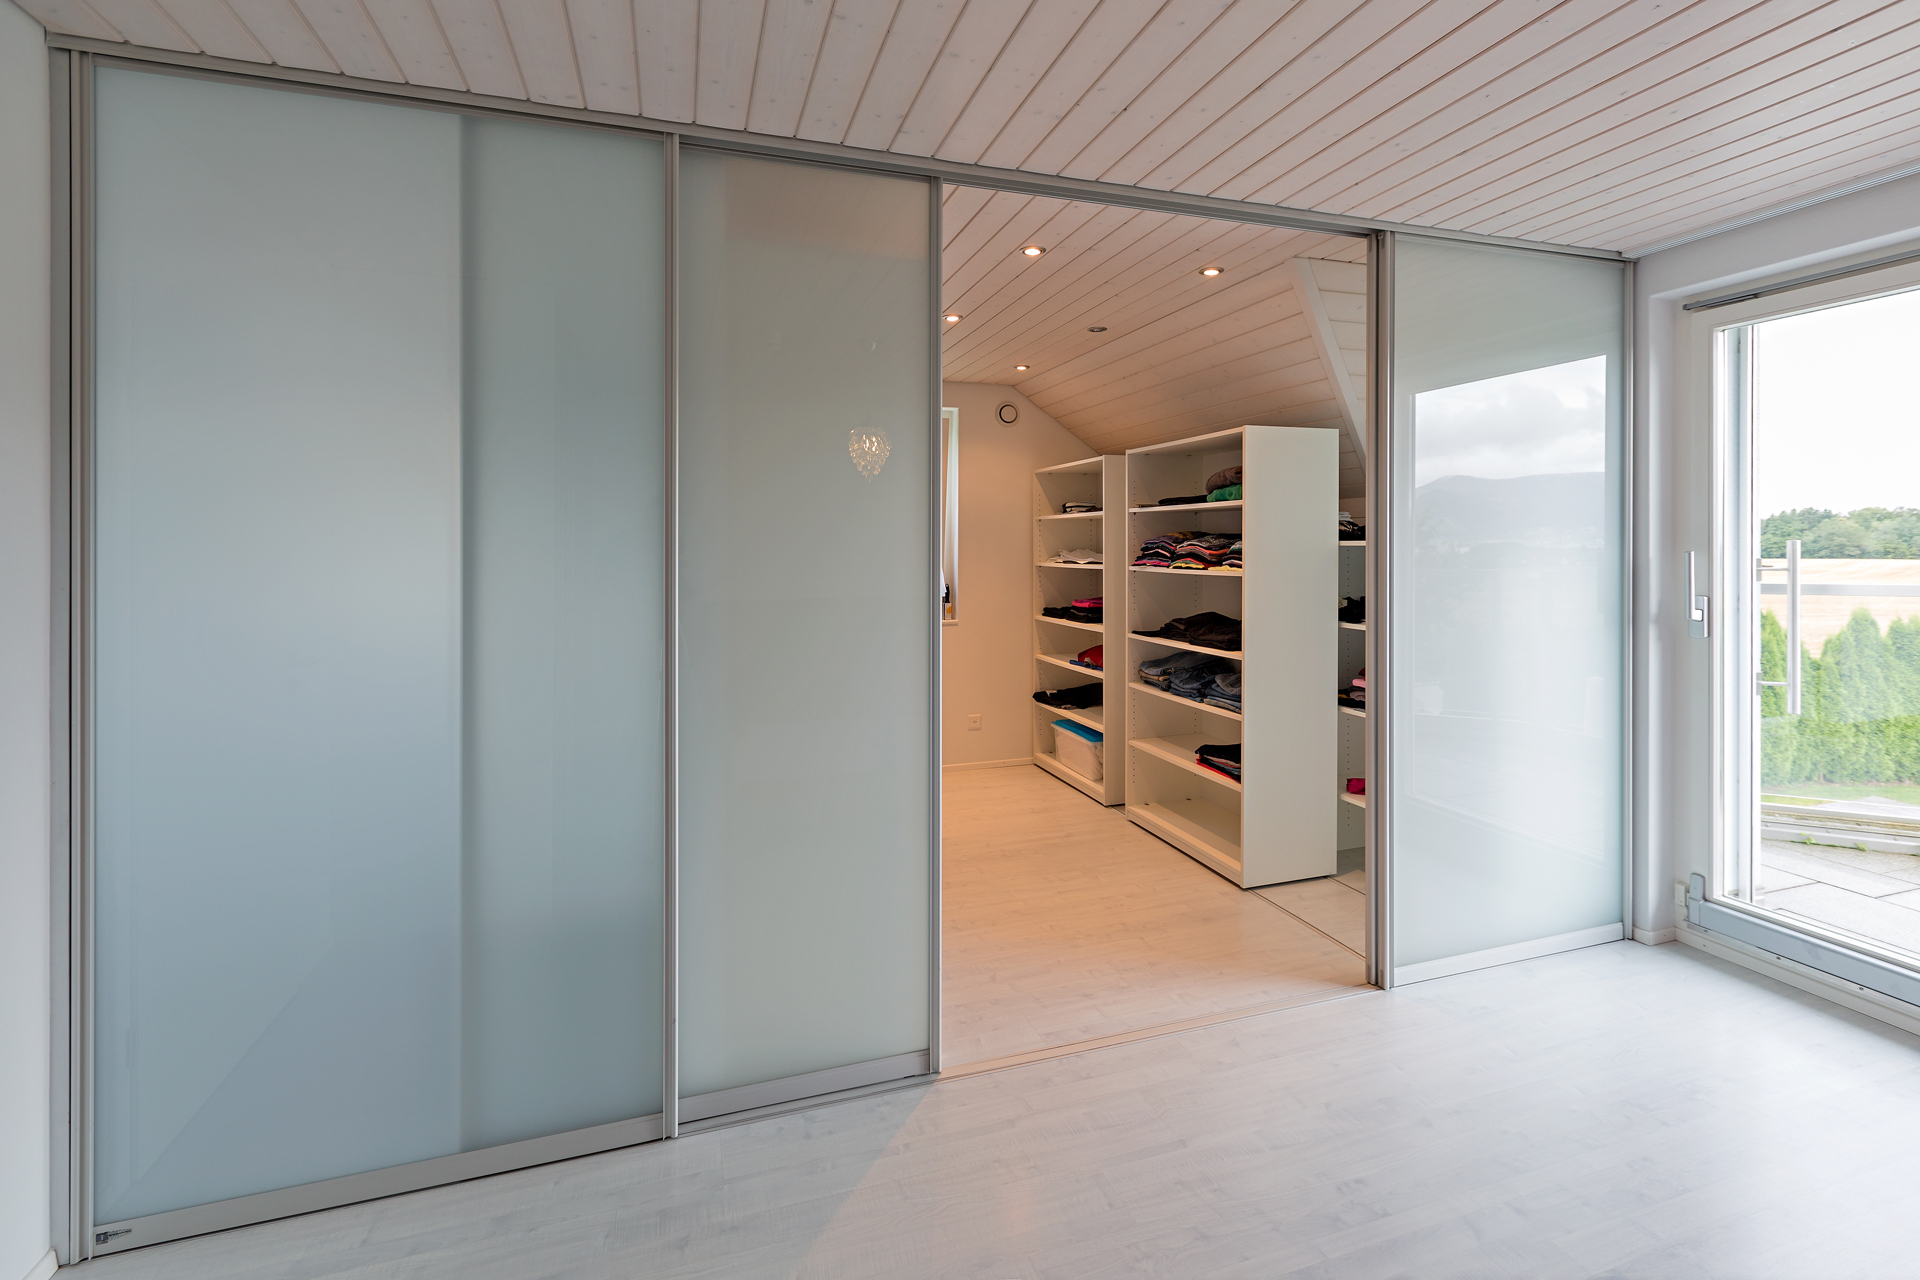 schiebet ren als raumteiler in die ankleide und als durchgang ins bad auf zu. Black Bedroom Furniture Sets. Home Design Ideas